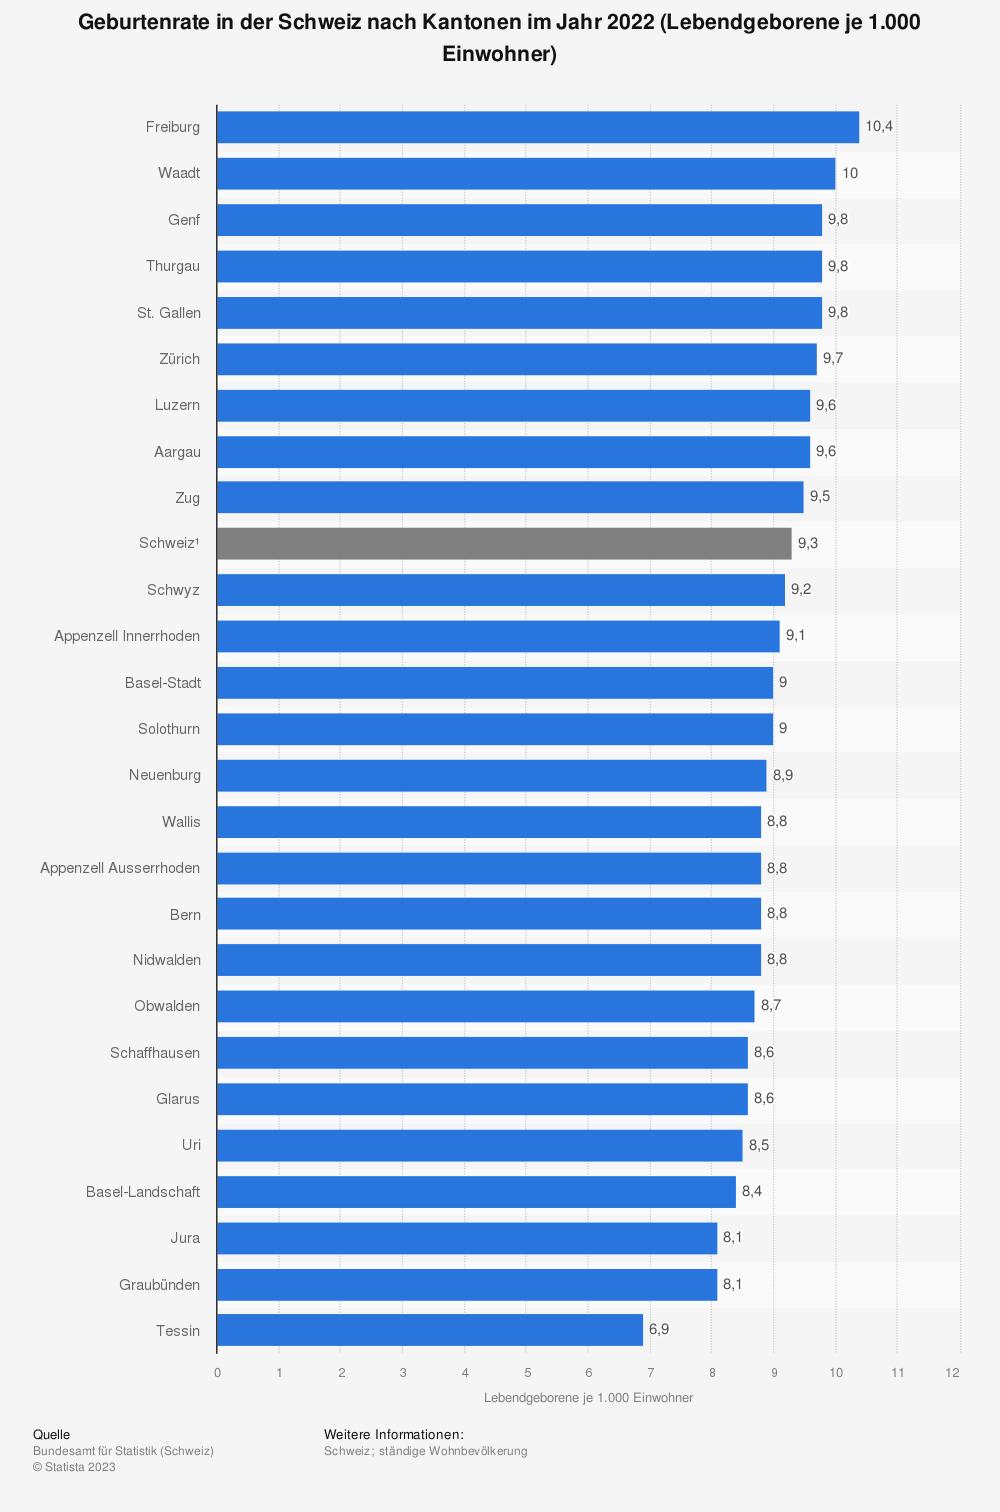 Statistik: Geburtenrate in der Schweiz nach Kantonen im Jahr 2017 (Lebendgeborene je 1.000 Einwohner) | Statista